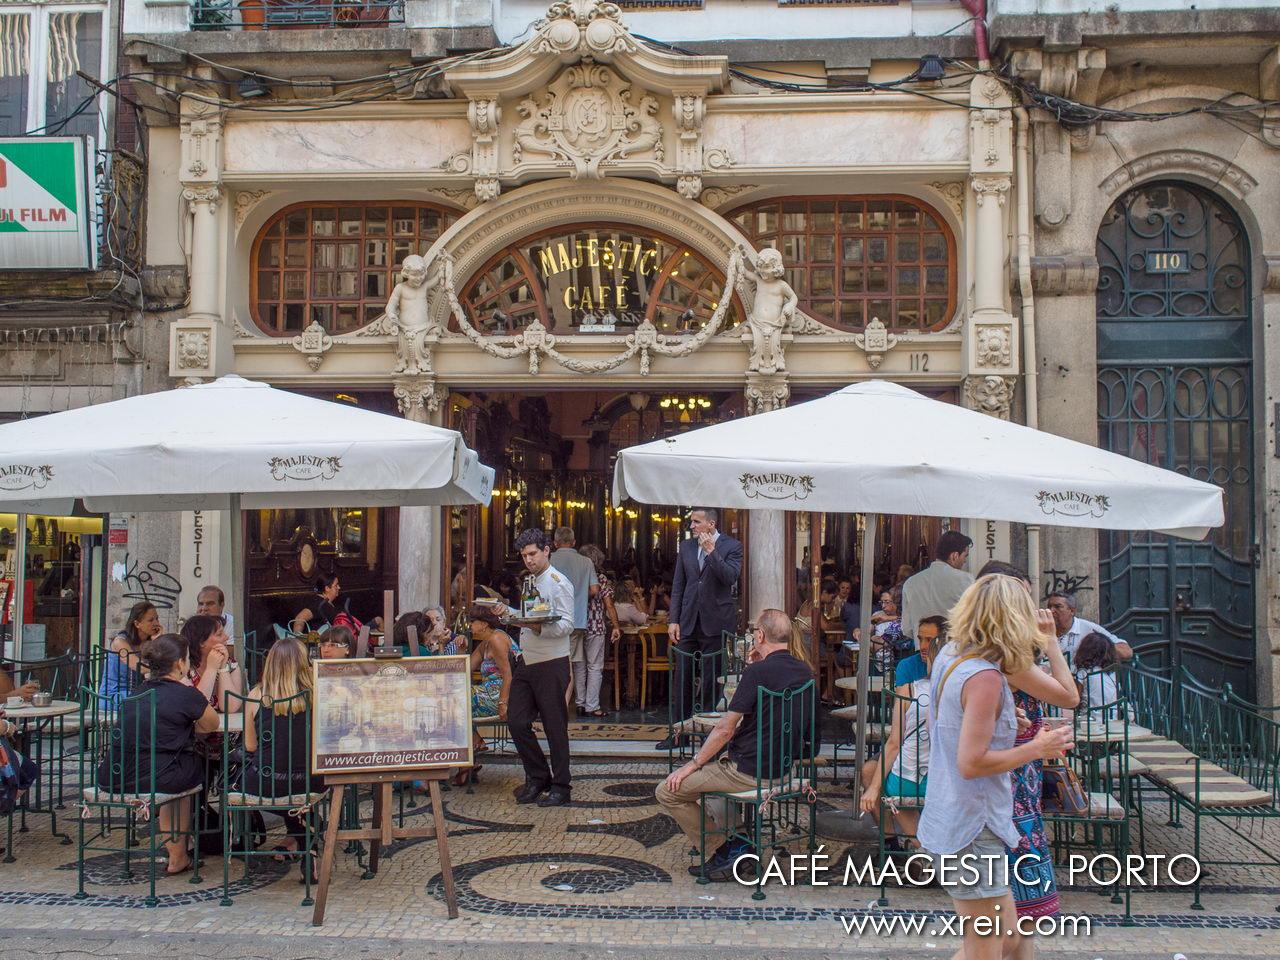 Café Majestic, un café histórico ubicado en la Rua de Santa Catarina, una de las atracciones de la ciudad de Oporto, ha sido frecuentado por varias figuras importantes a lo largo de la historia.